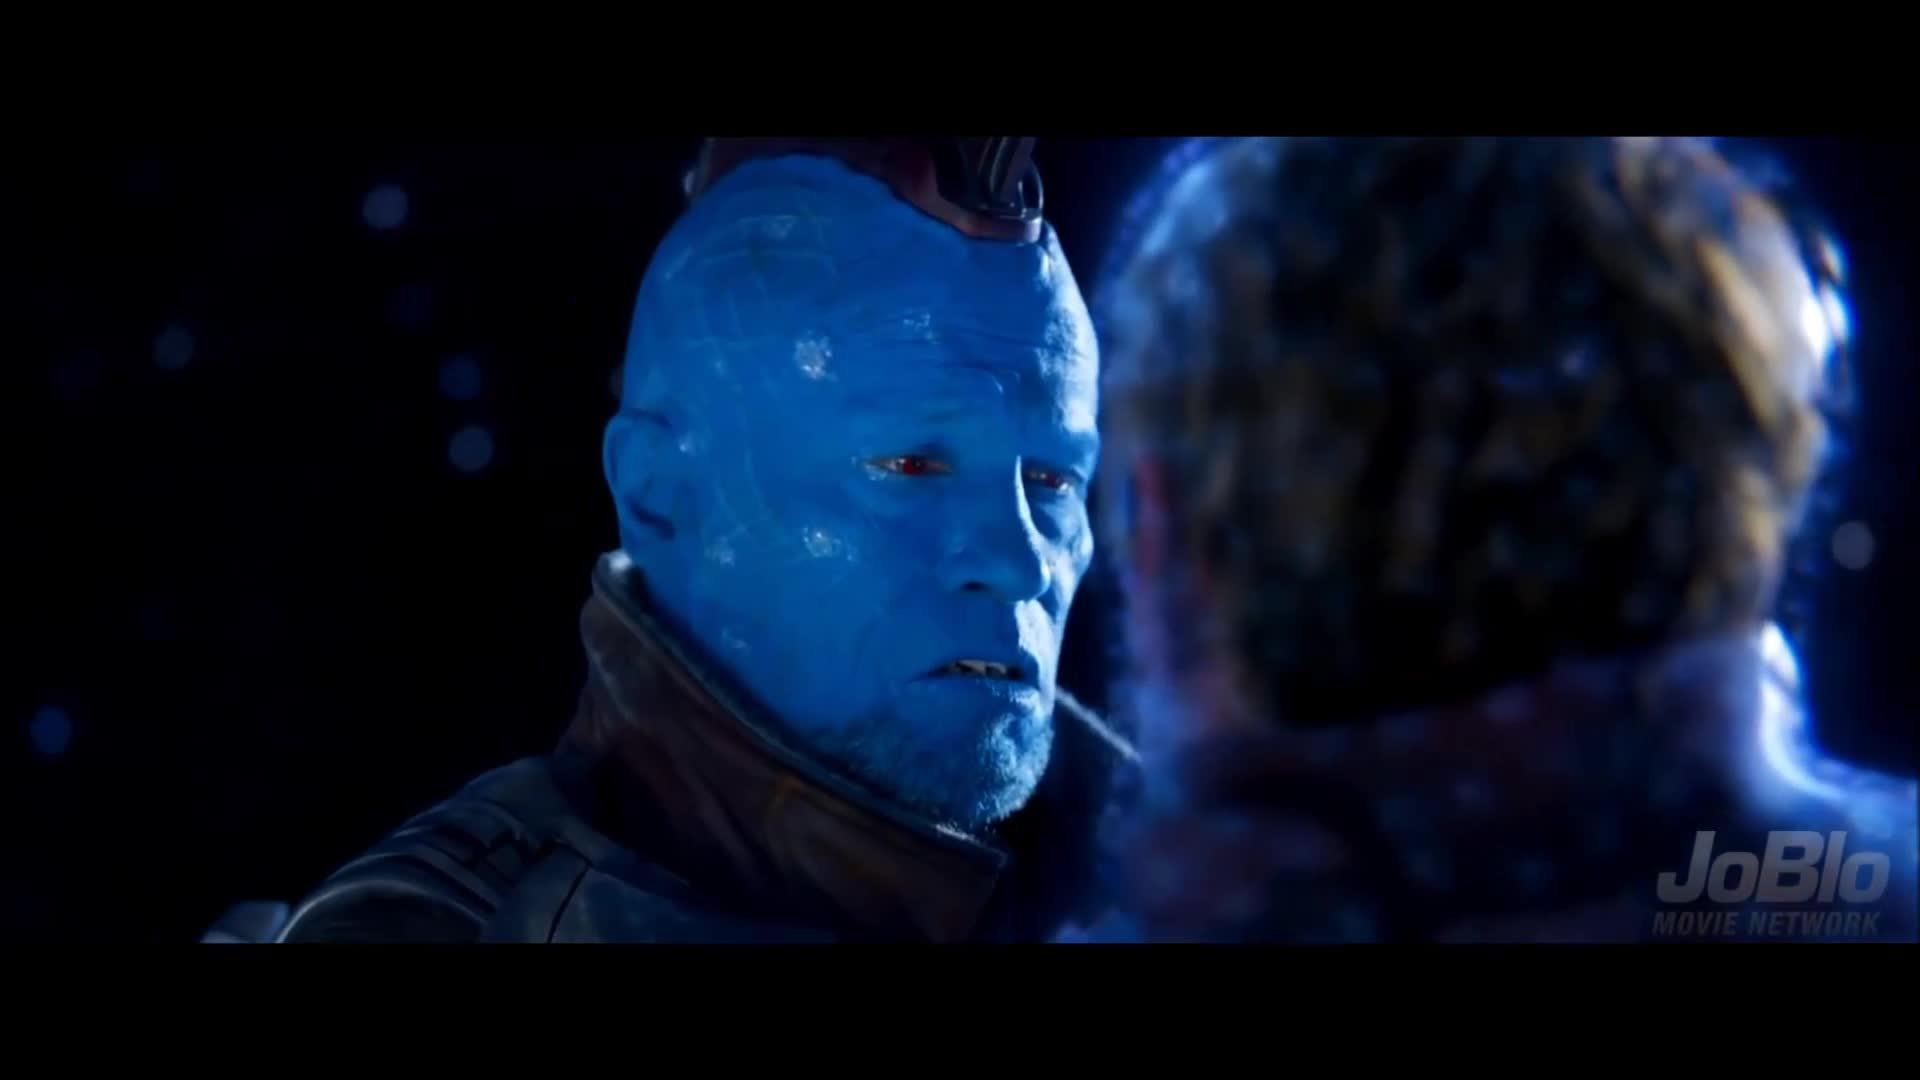 Cái chết của Yondu (Guardians of the Galaxy 2 - 2017)